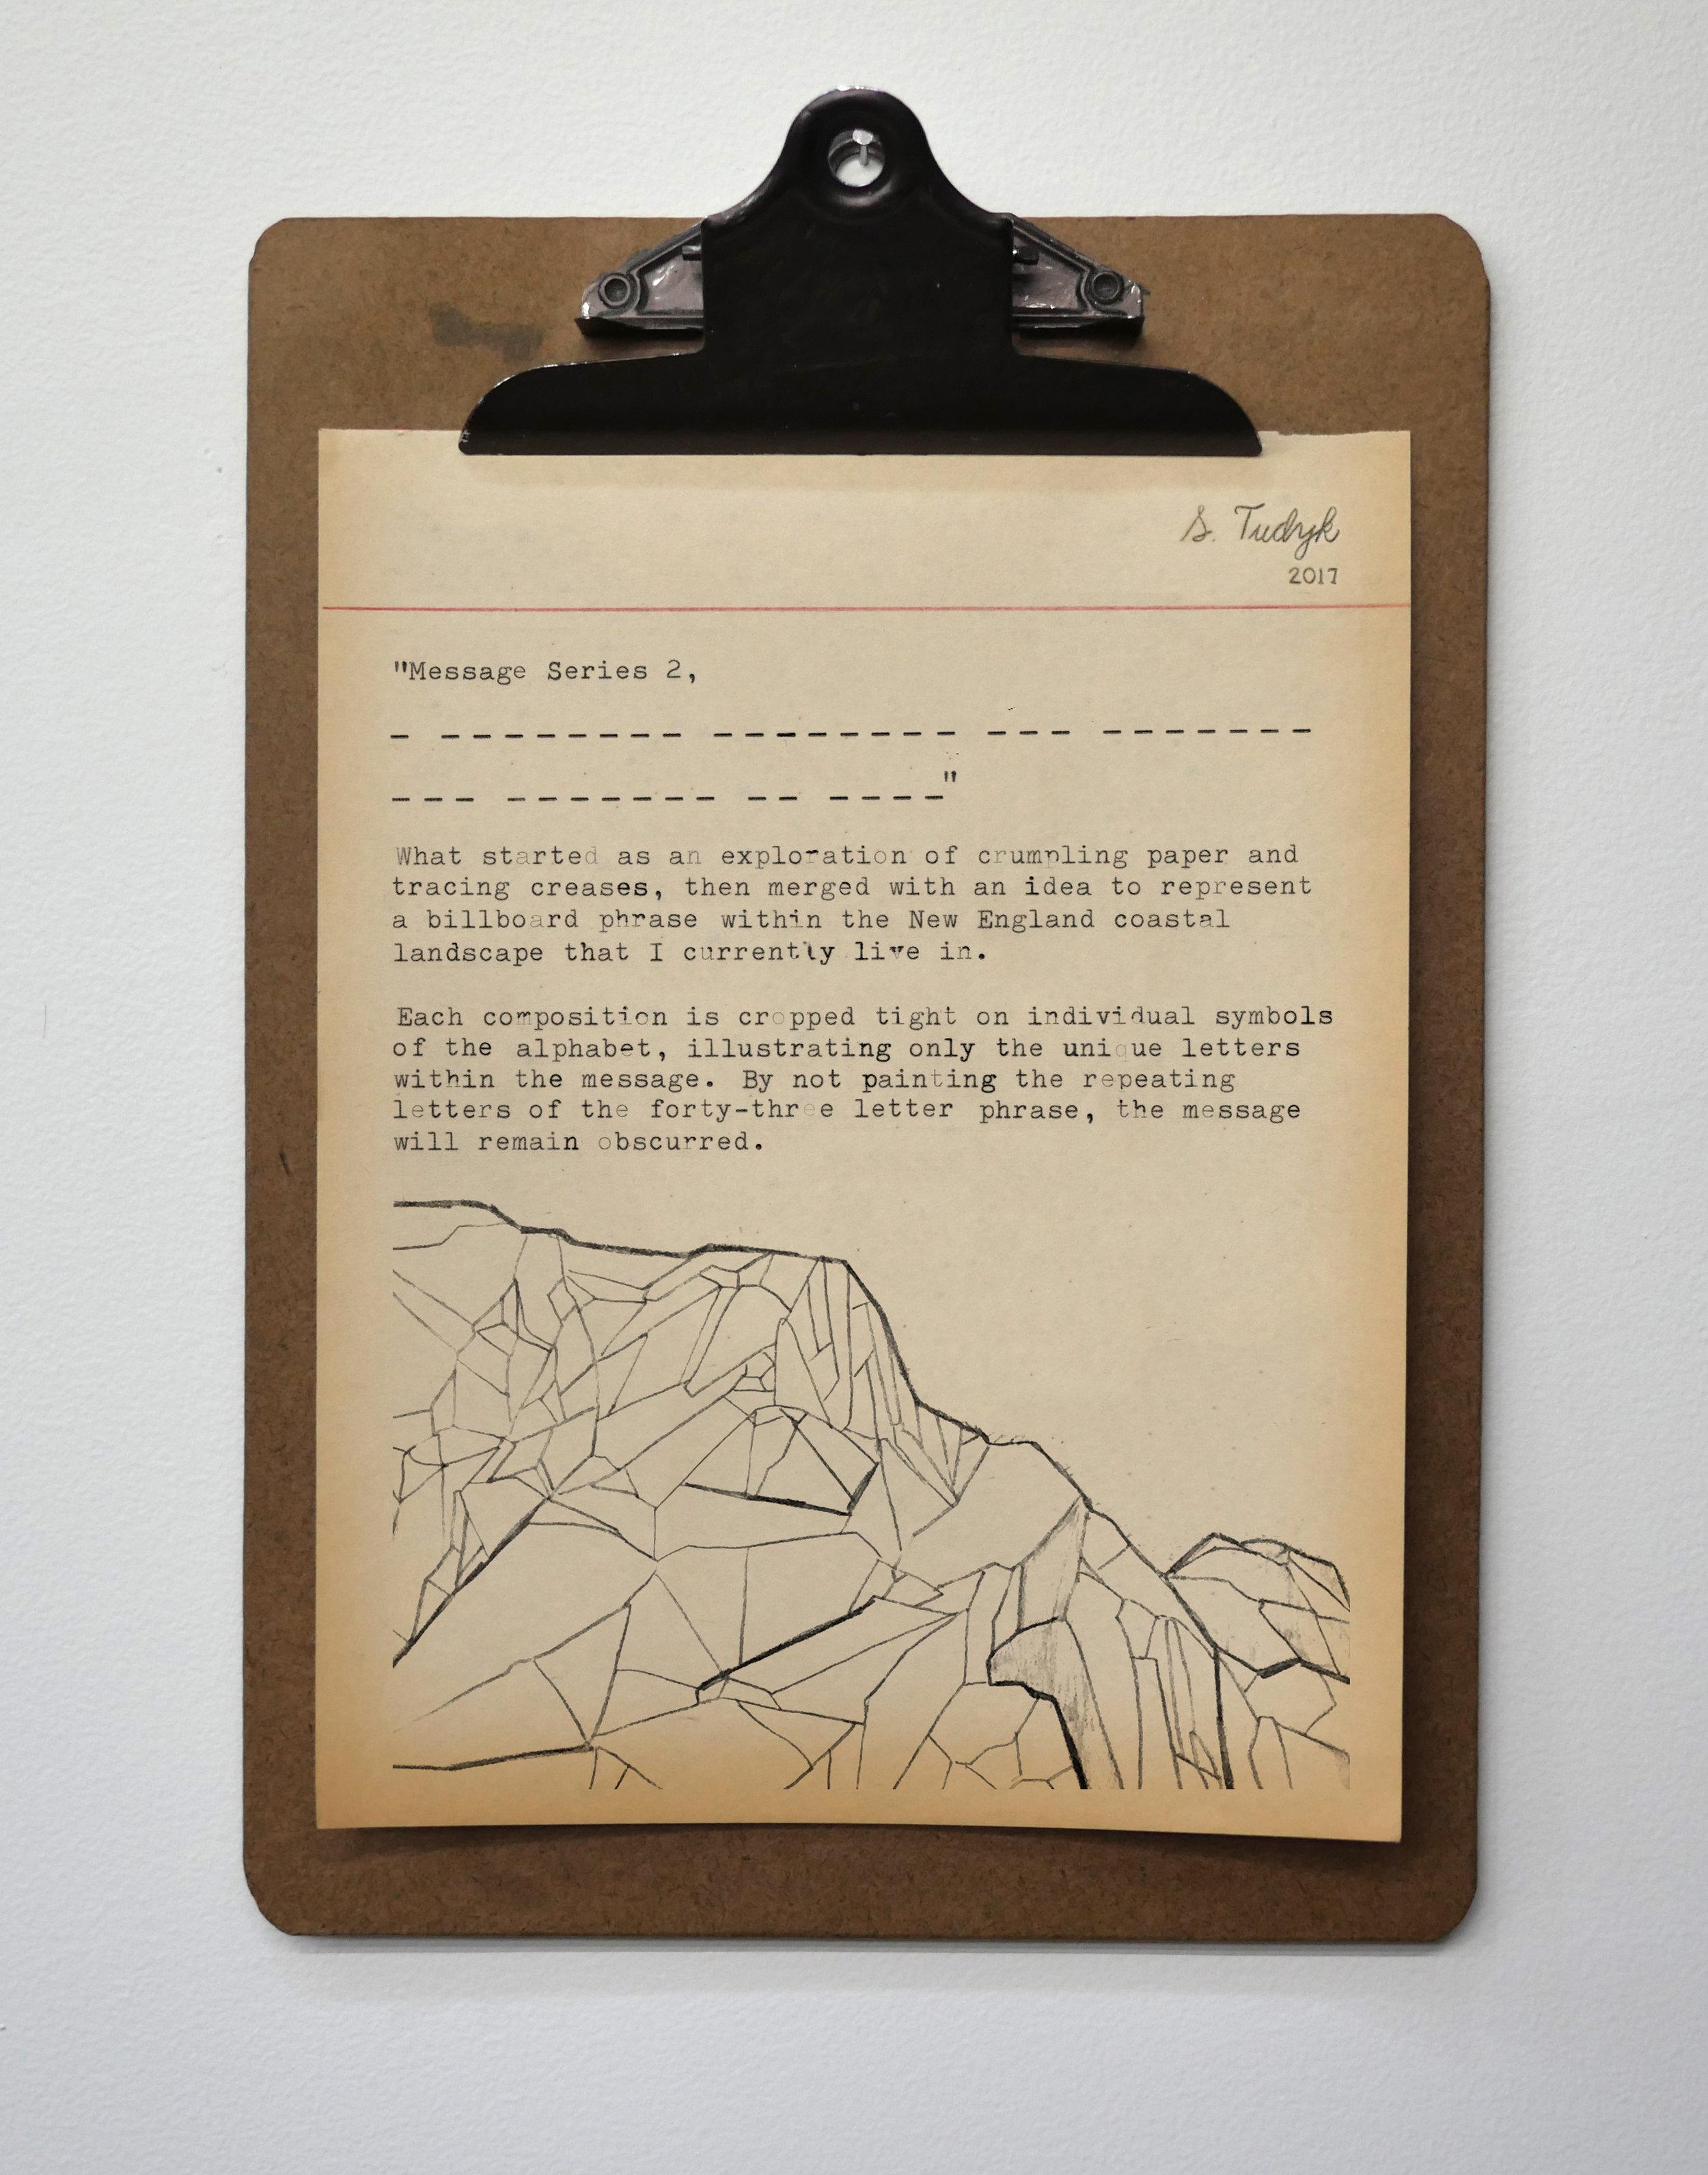 Message Series 2, Artist Statement